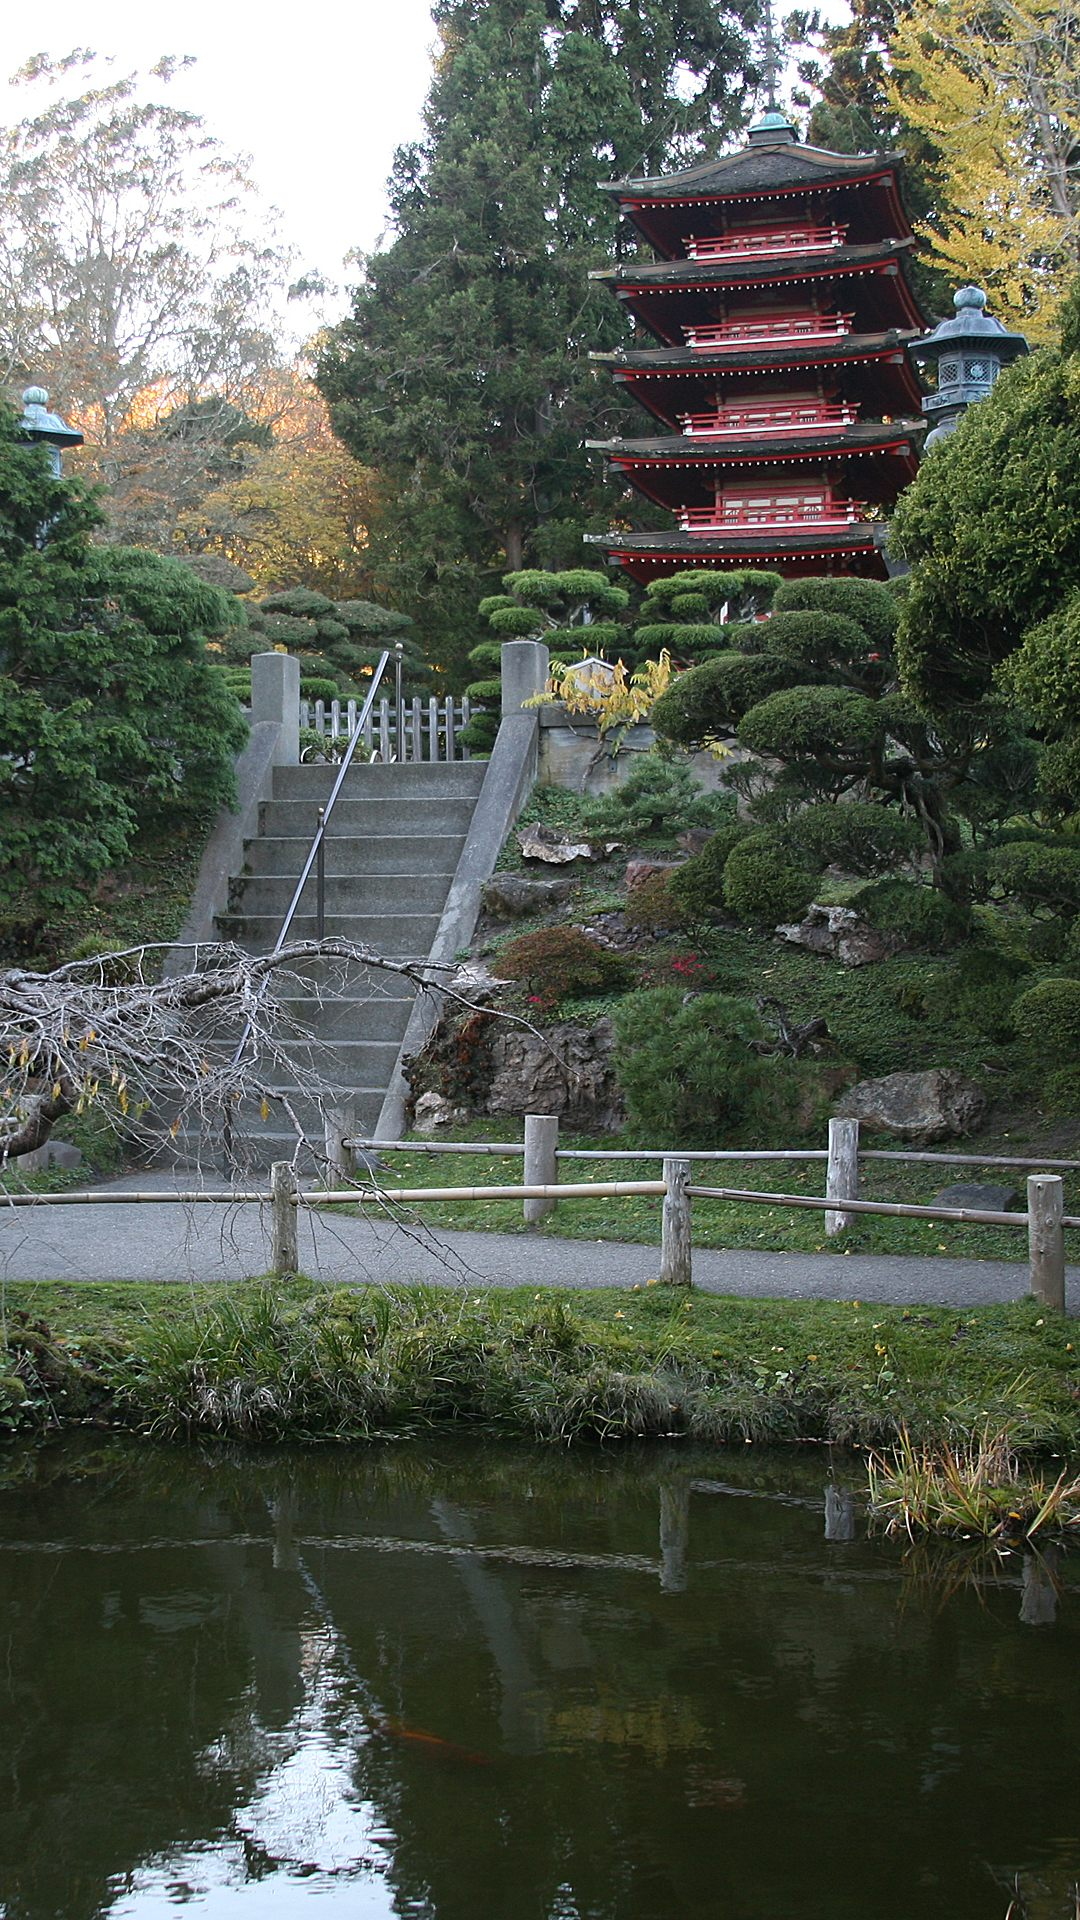 28 Japanese Garden Design Ideas To Style Up Your Backyard: San Francisco Wallpaper